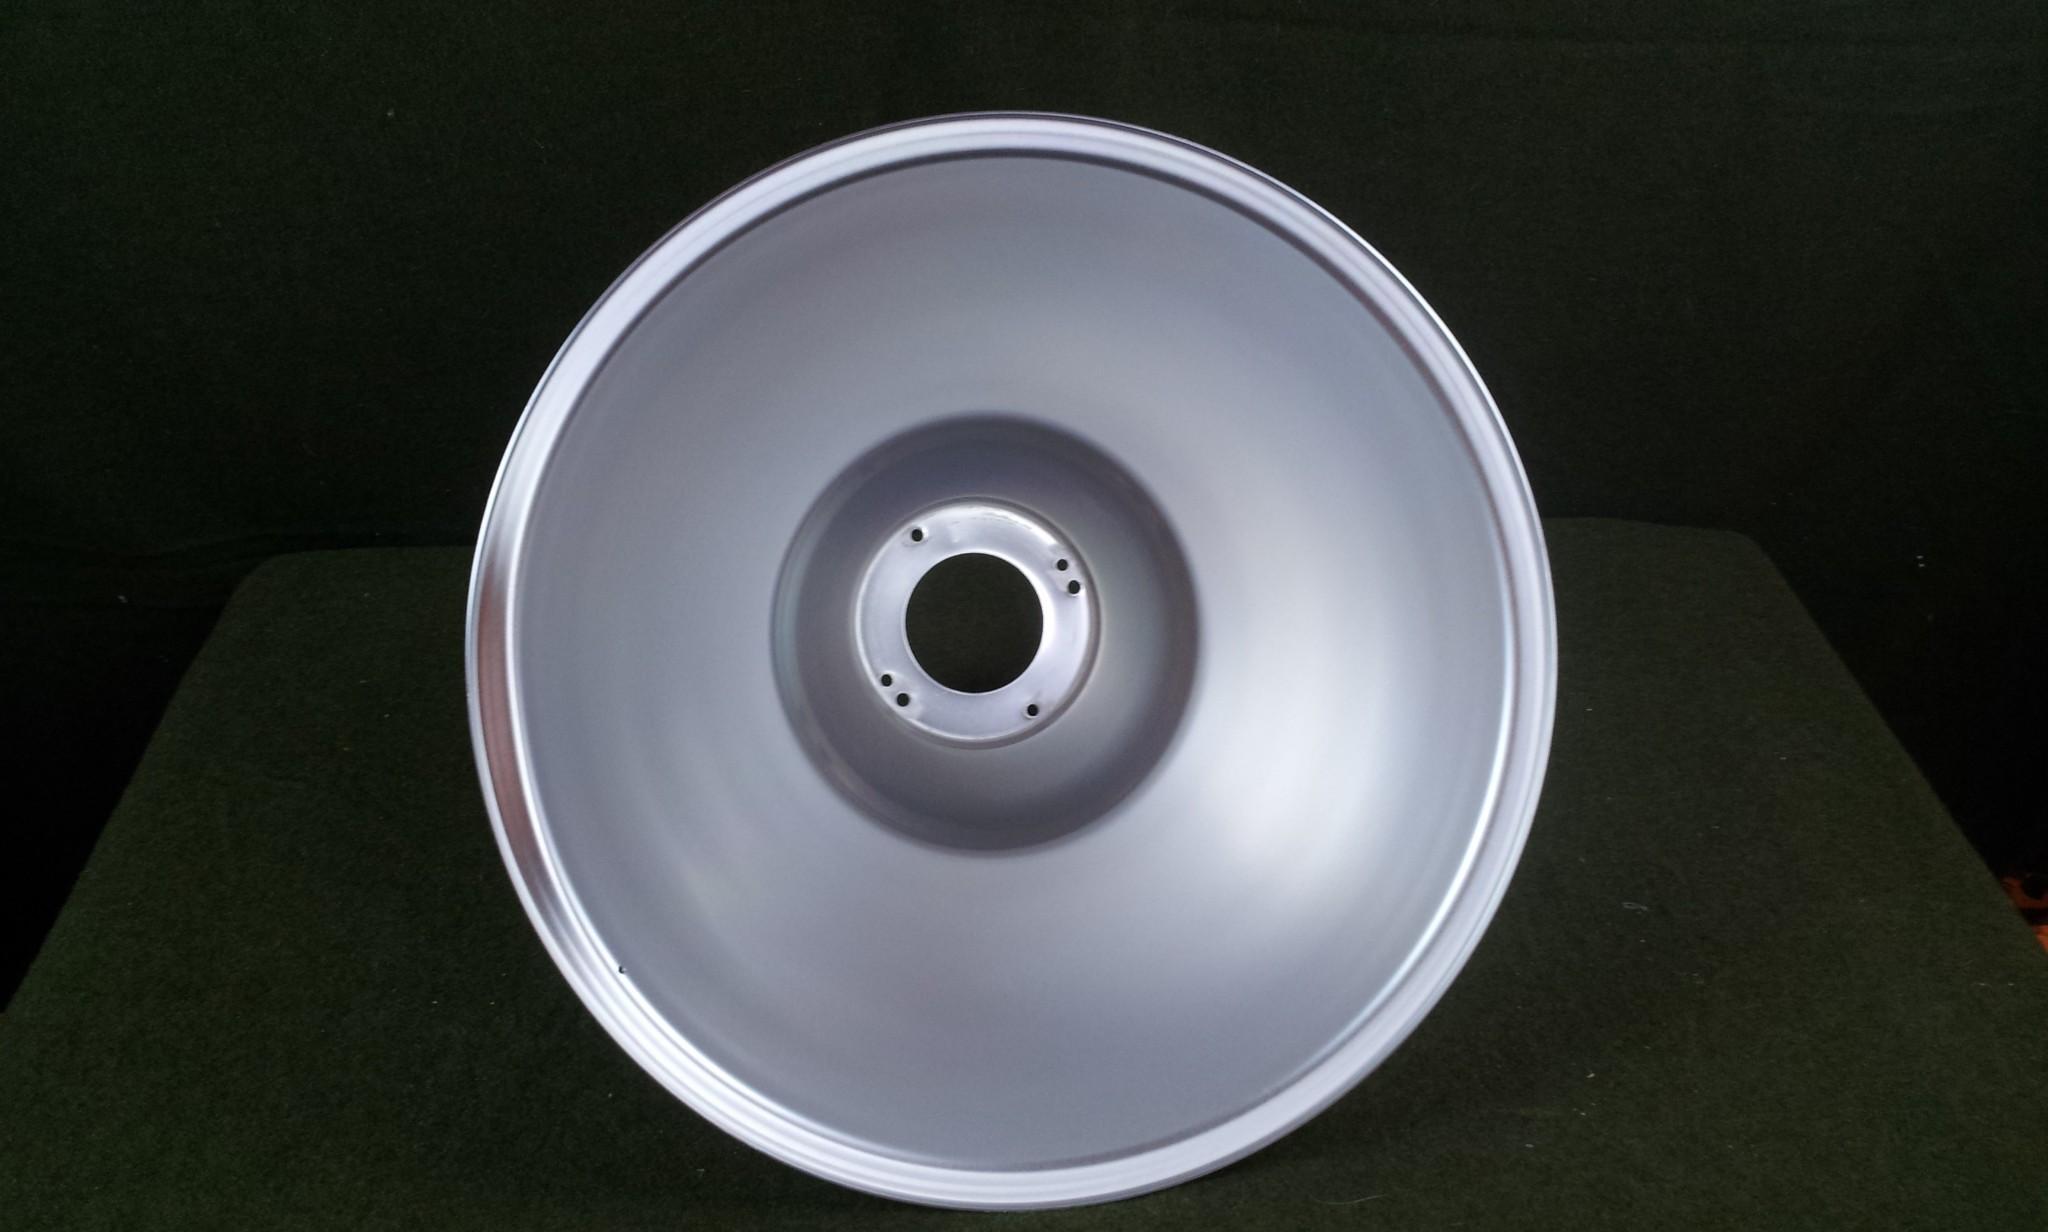 Clark Equipment Floodlight Reflector PN: 36885275